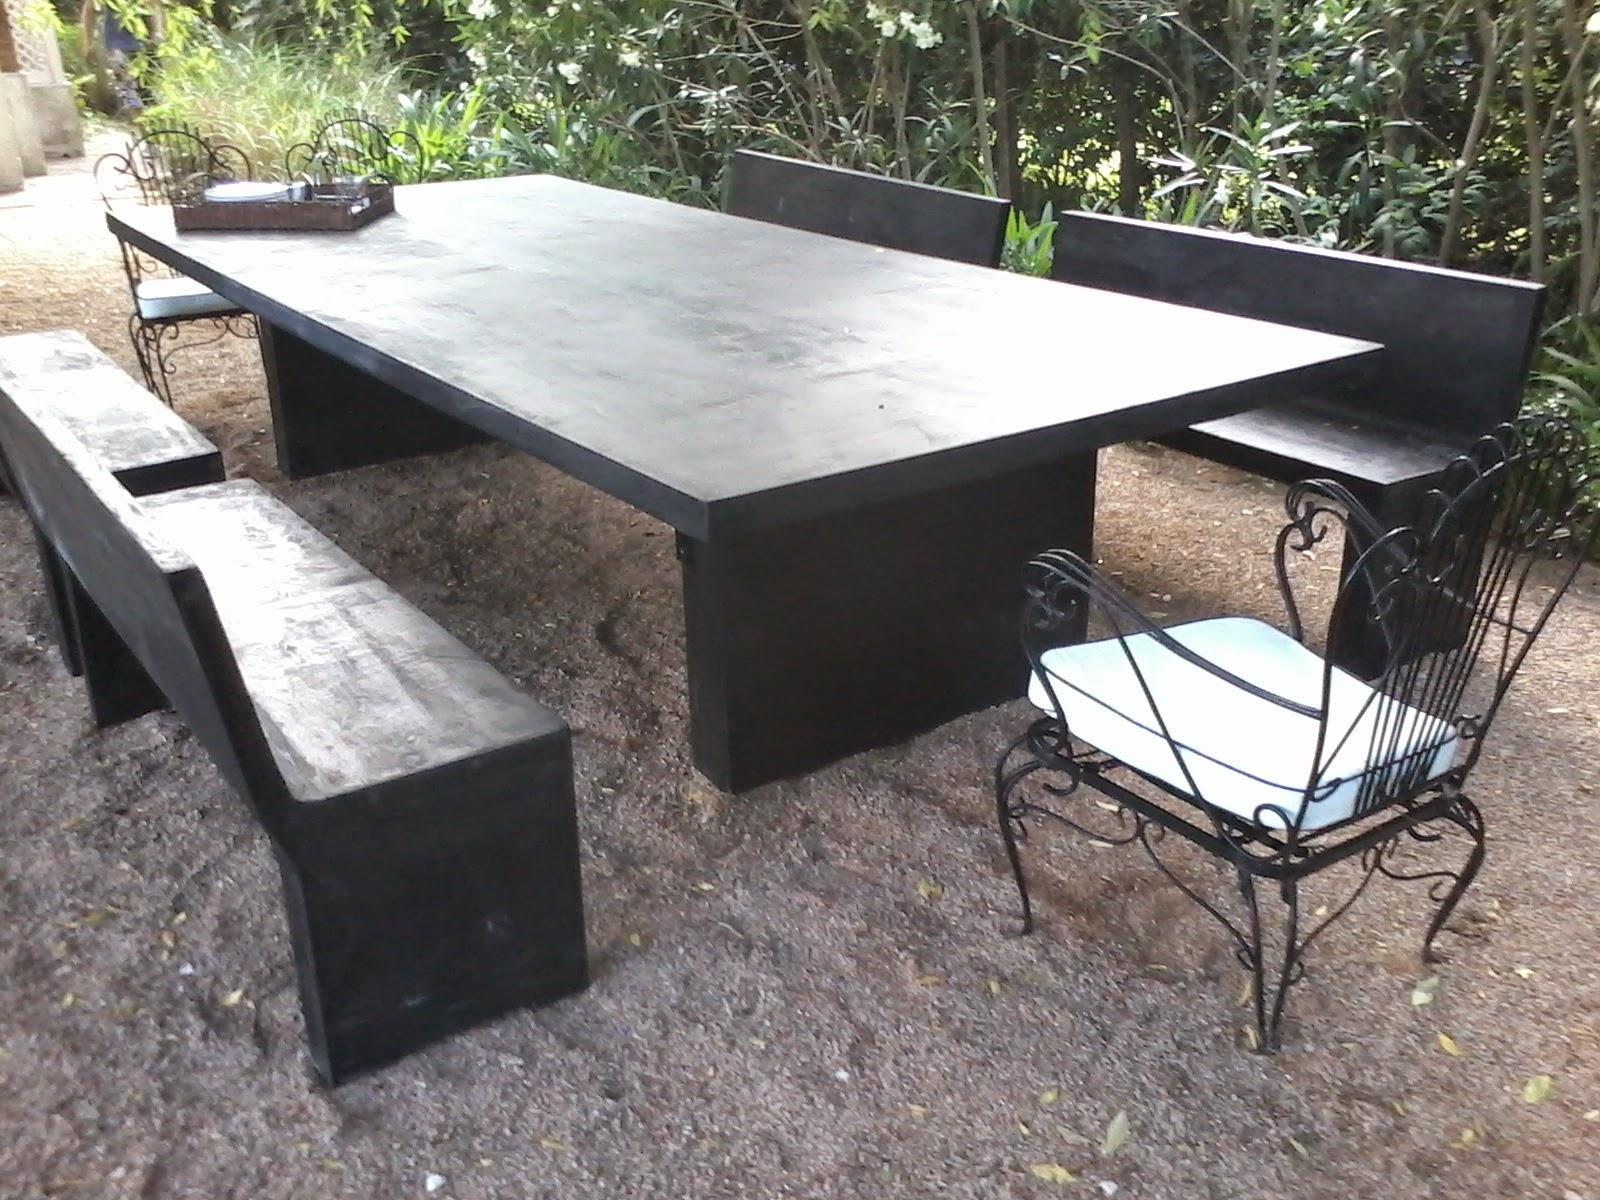 MESAS Y SILLAS COMEDOR A TU ALCANCE MUEBLES  - fotos de muebles de comedor de madera